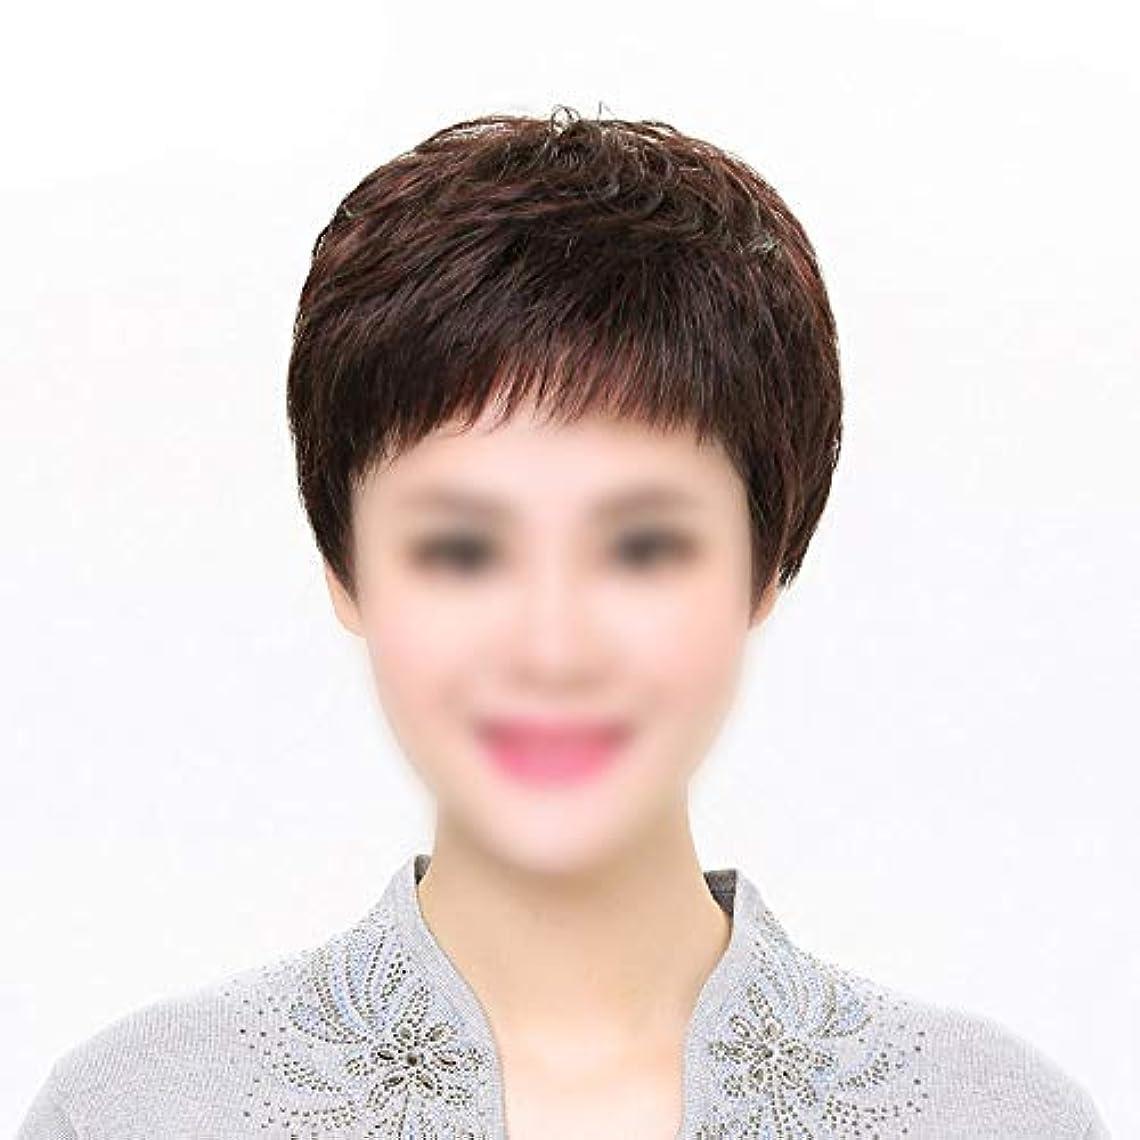 修道院漏れハブブYOUQIU 女性のかつらのために前髪人毛かつら、100%本物の人間の髪の毛無料パートショートスタイリッシュなウィッグ (色 : 黒, Edition : Mechanism)